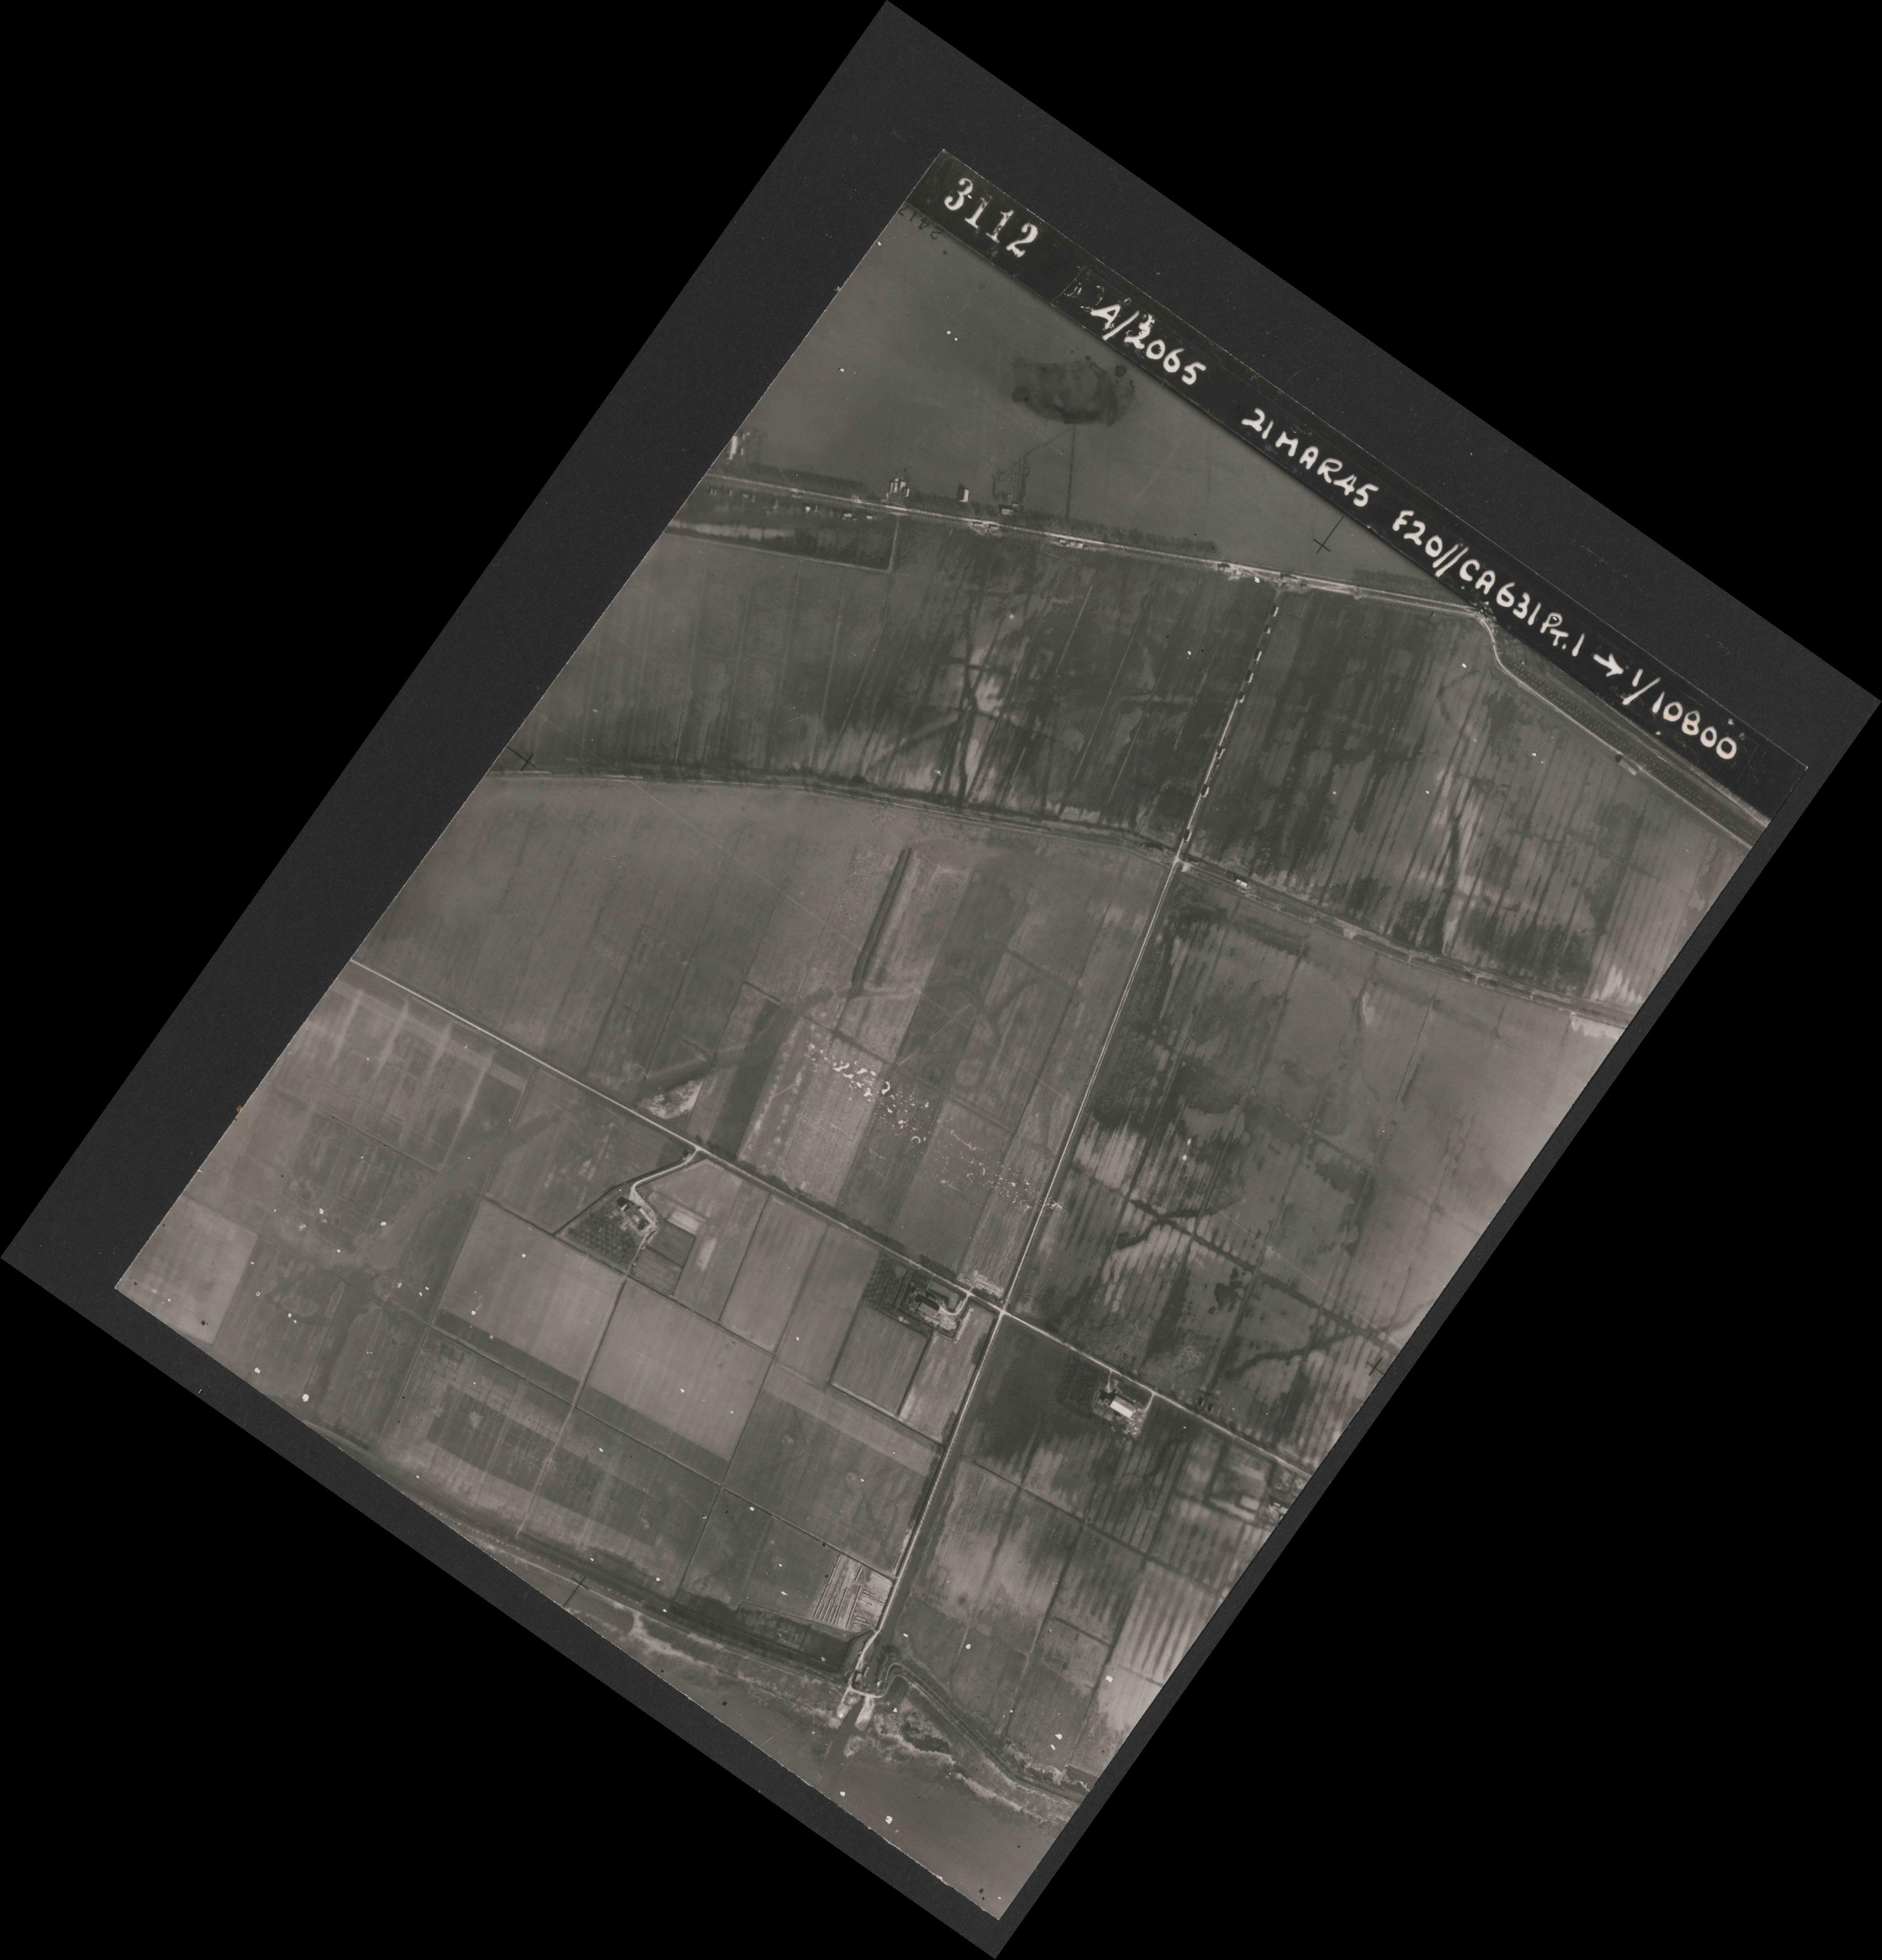 Collection RAF aerial photos 1940-1945 - flight 308, run 03, photo 3112